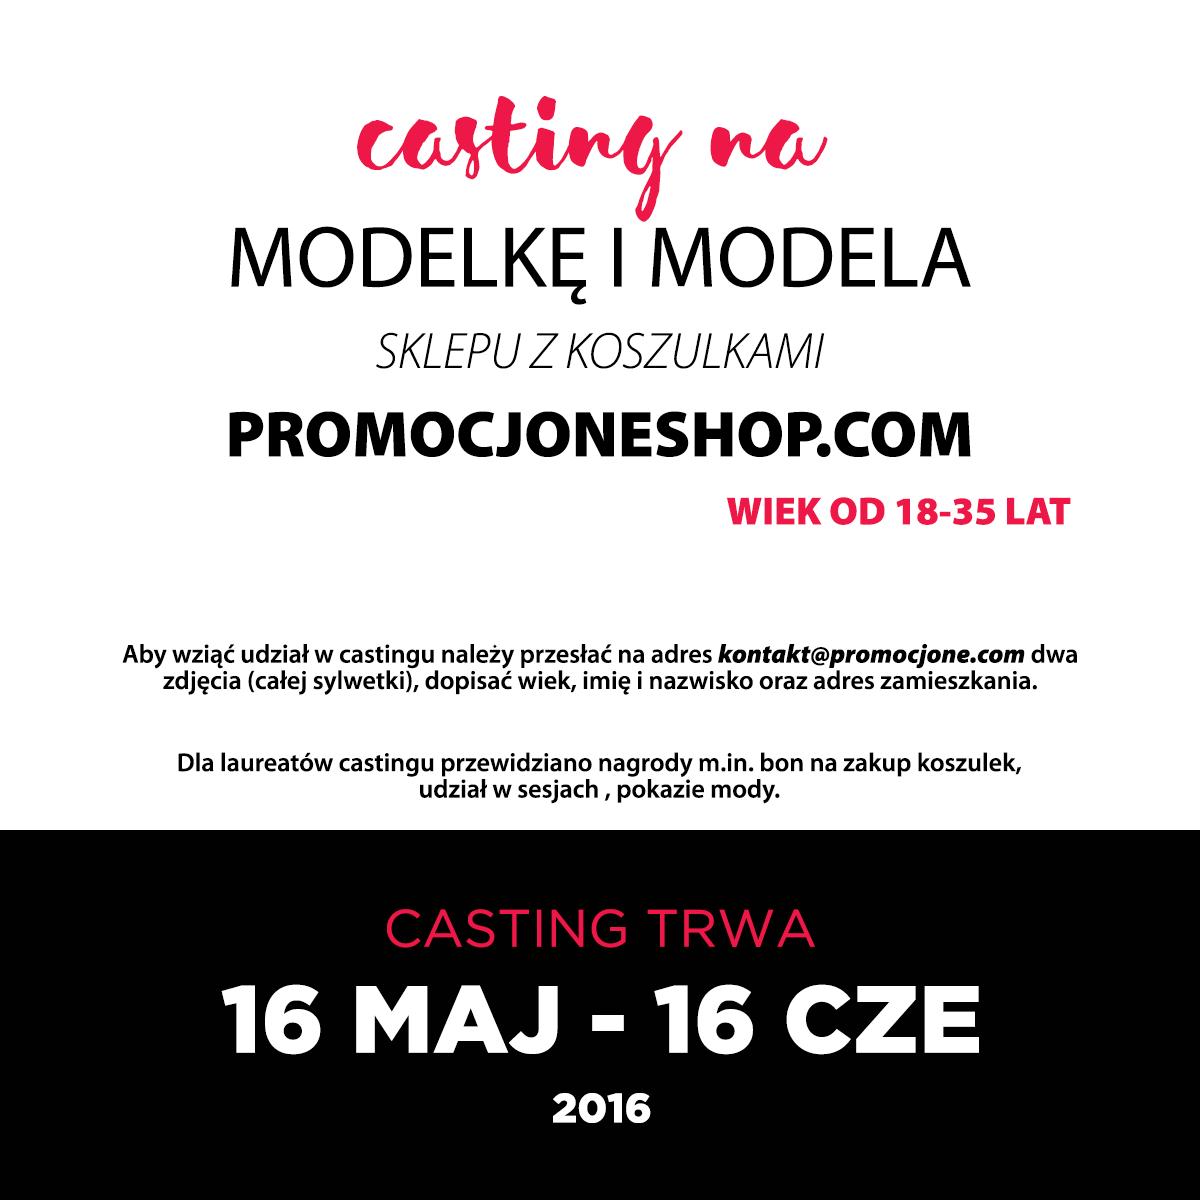 Casting na MODELKĘ I MODELA do Promocjone.com